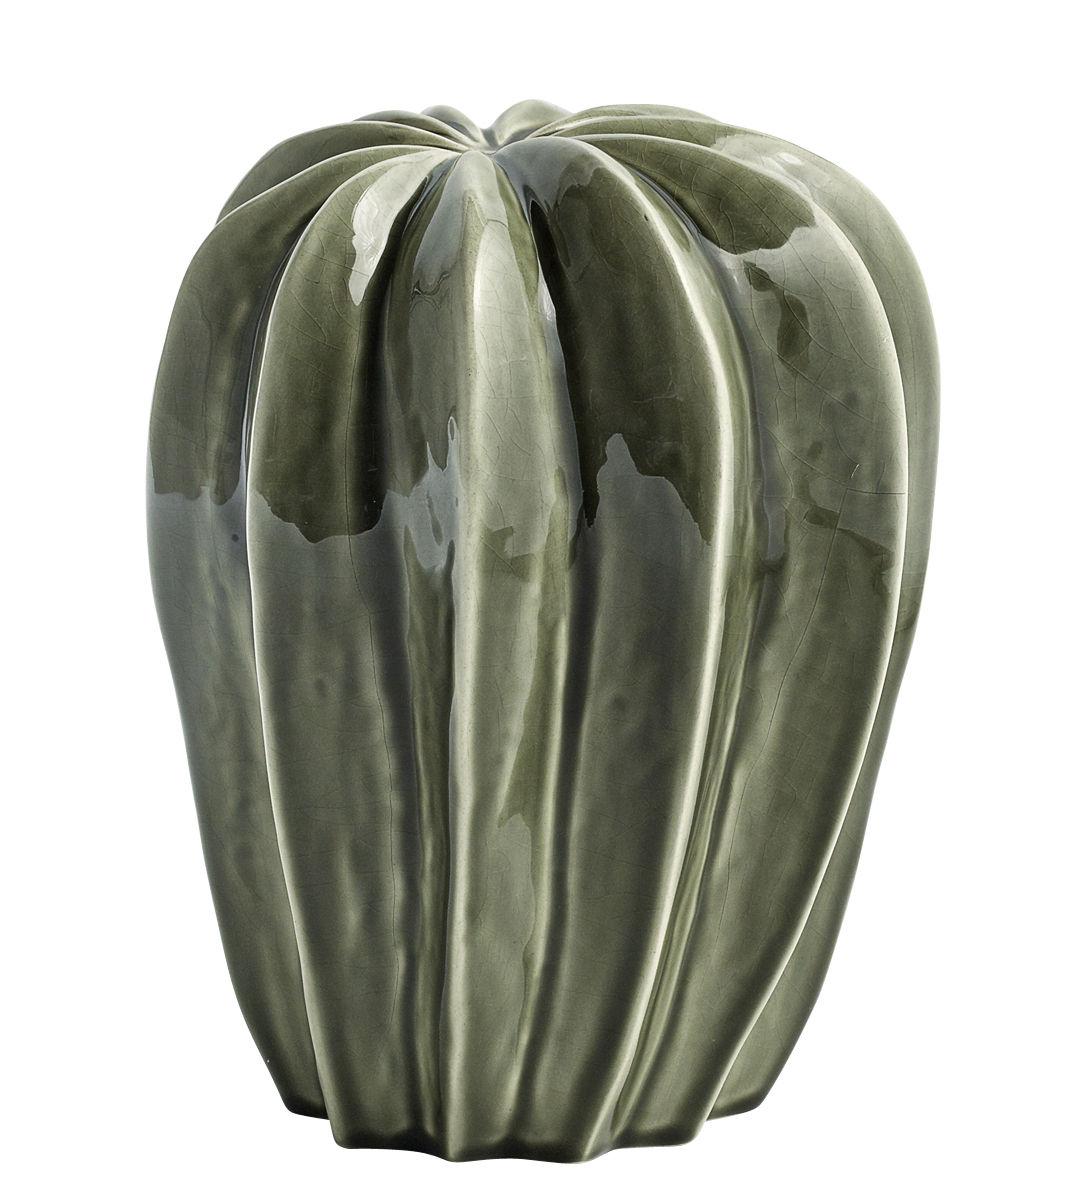 Déco - Objets déco et cadres-photos - Décoration Cacti Uno / Ø 19 x H 23 cm - Fait main - Hay - Vert / Modèle 1 - Céramique émaillée